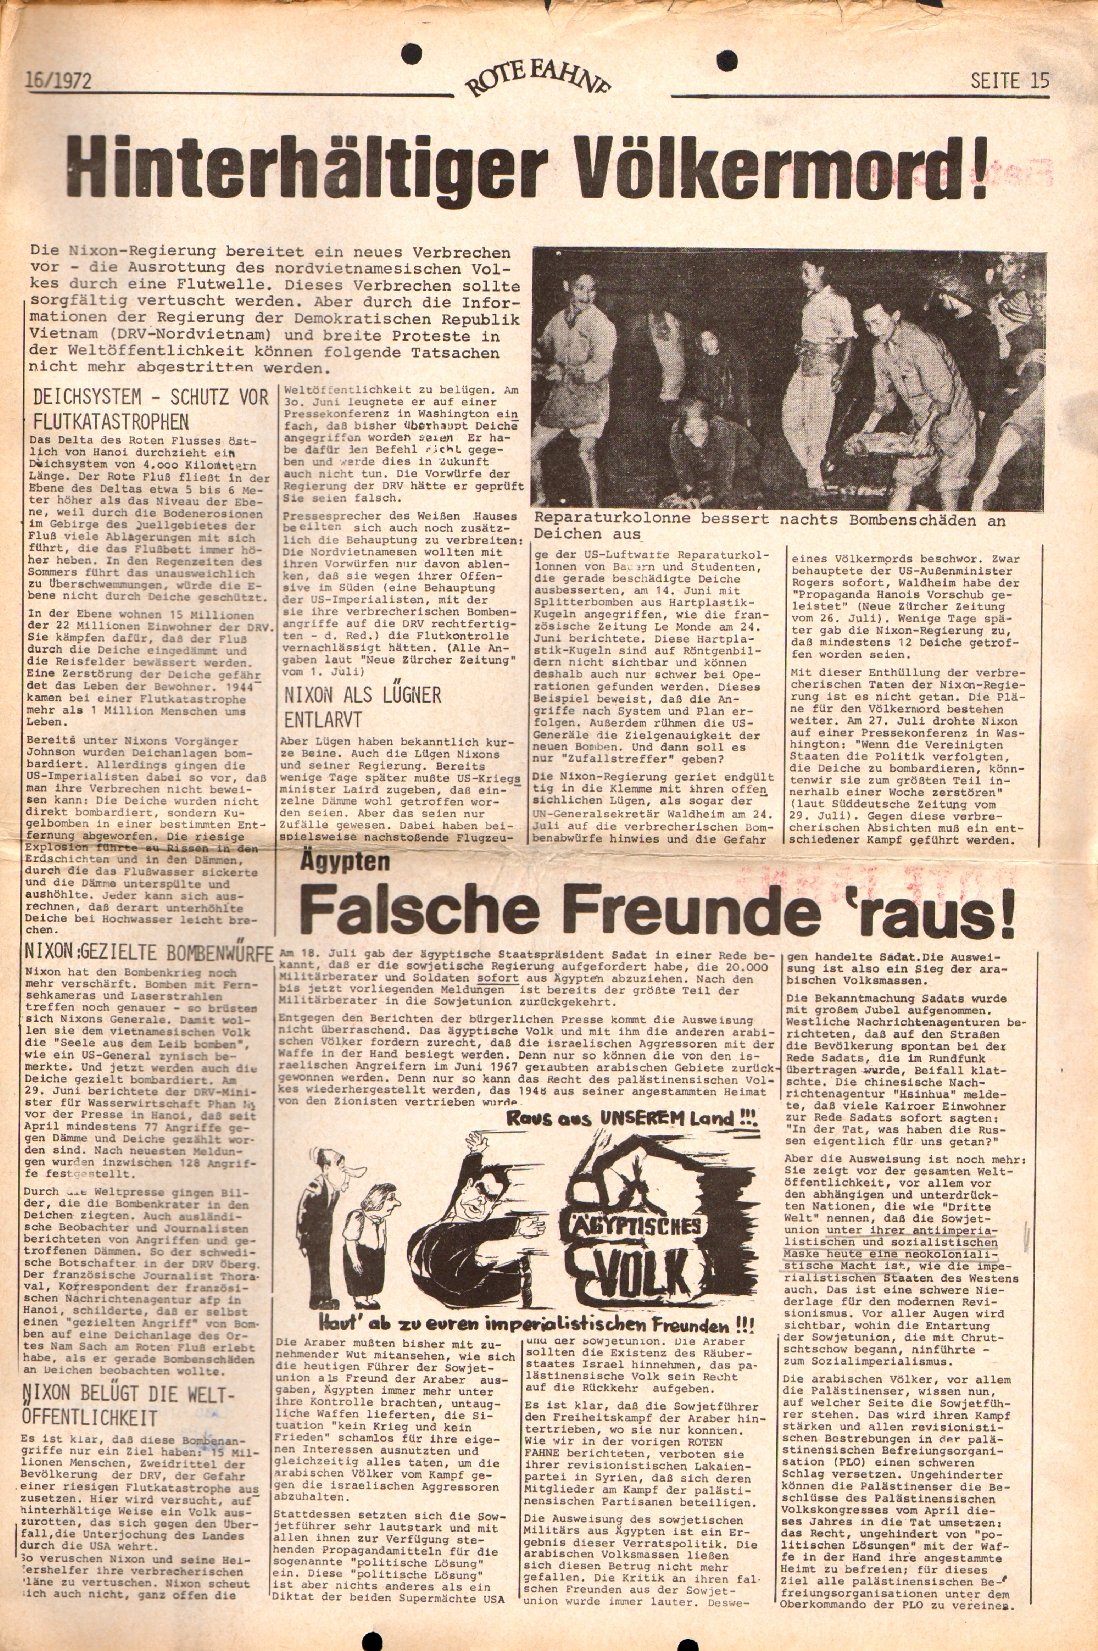 Rote Fahne, 3. Jg., 7.8.1972, Nr. 16, Seite 15